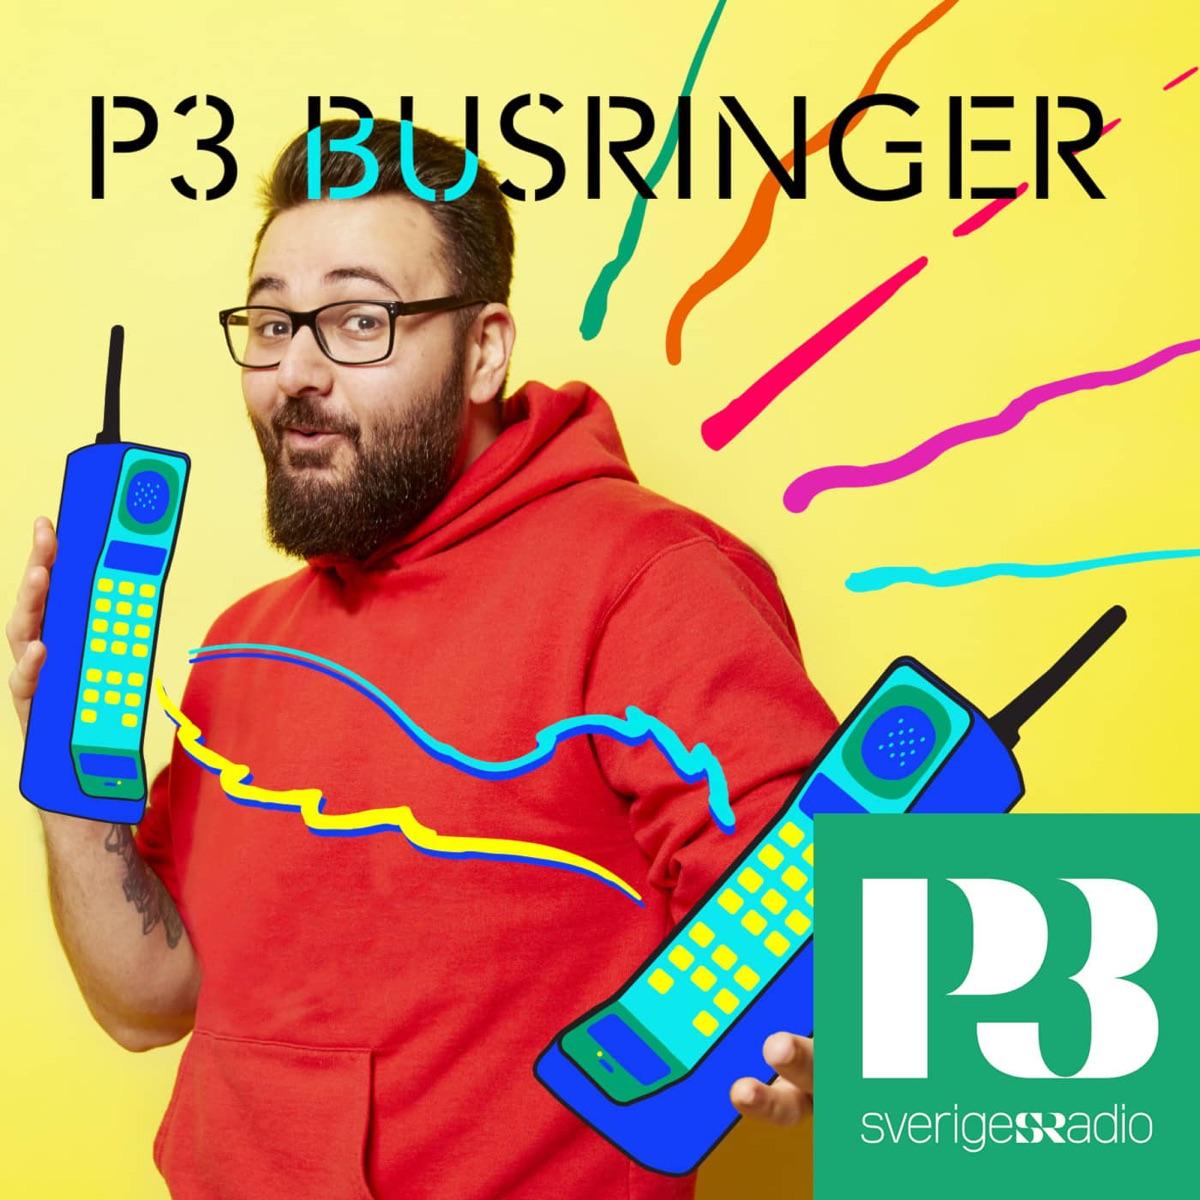 P3 Busringer